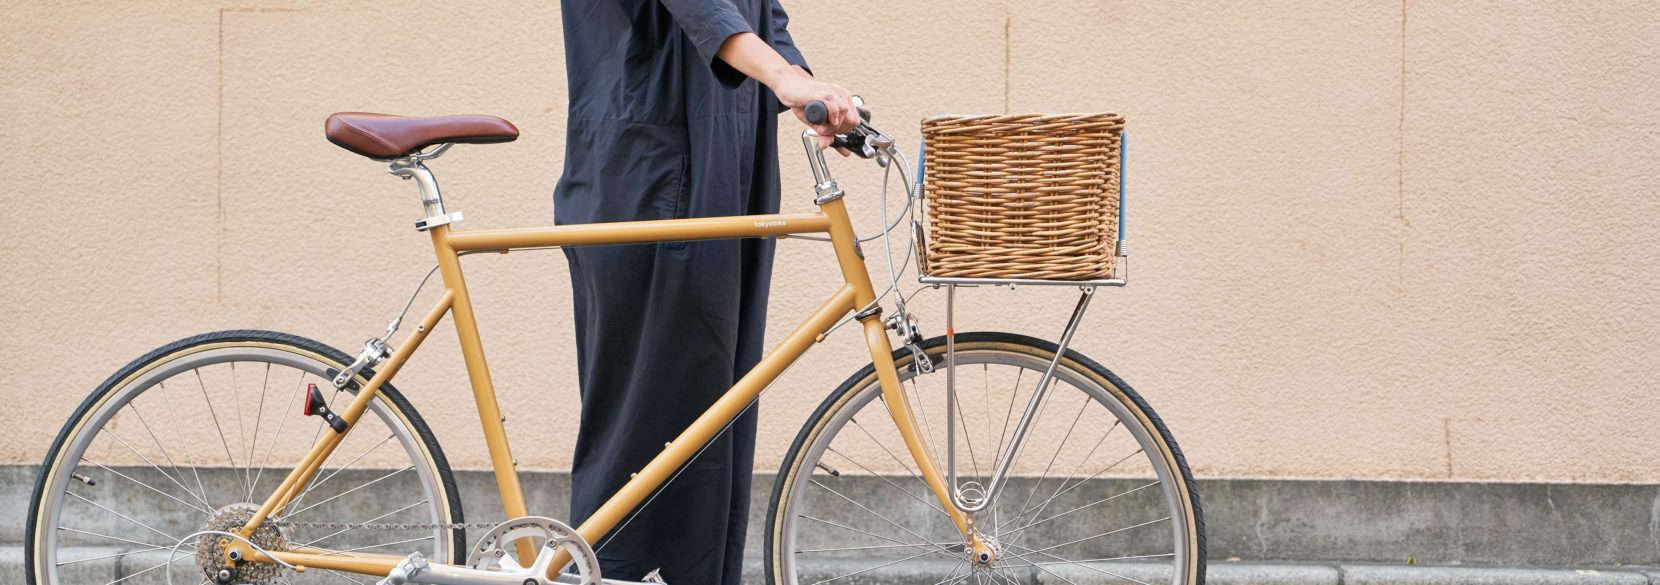 自転車パーツ・雑貨送料無料キャンペーン